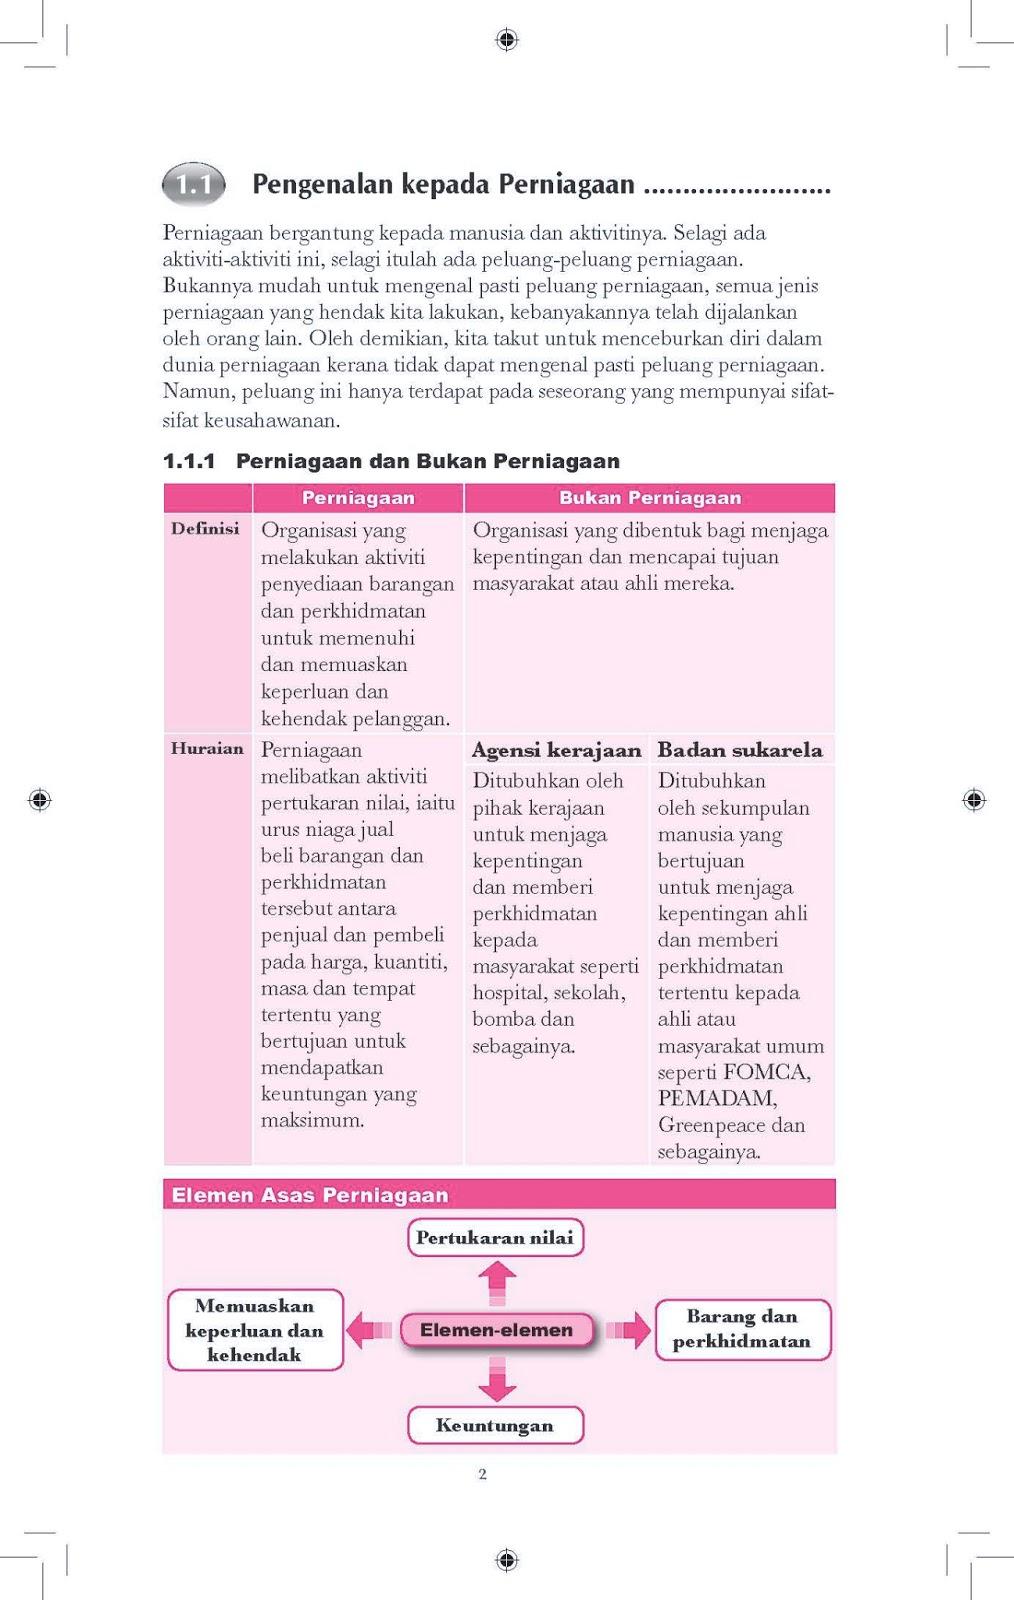 Laman Pengajian Perniagaan STPM Cikgu aZLy: BUKU RUJUKAN